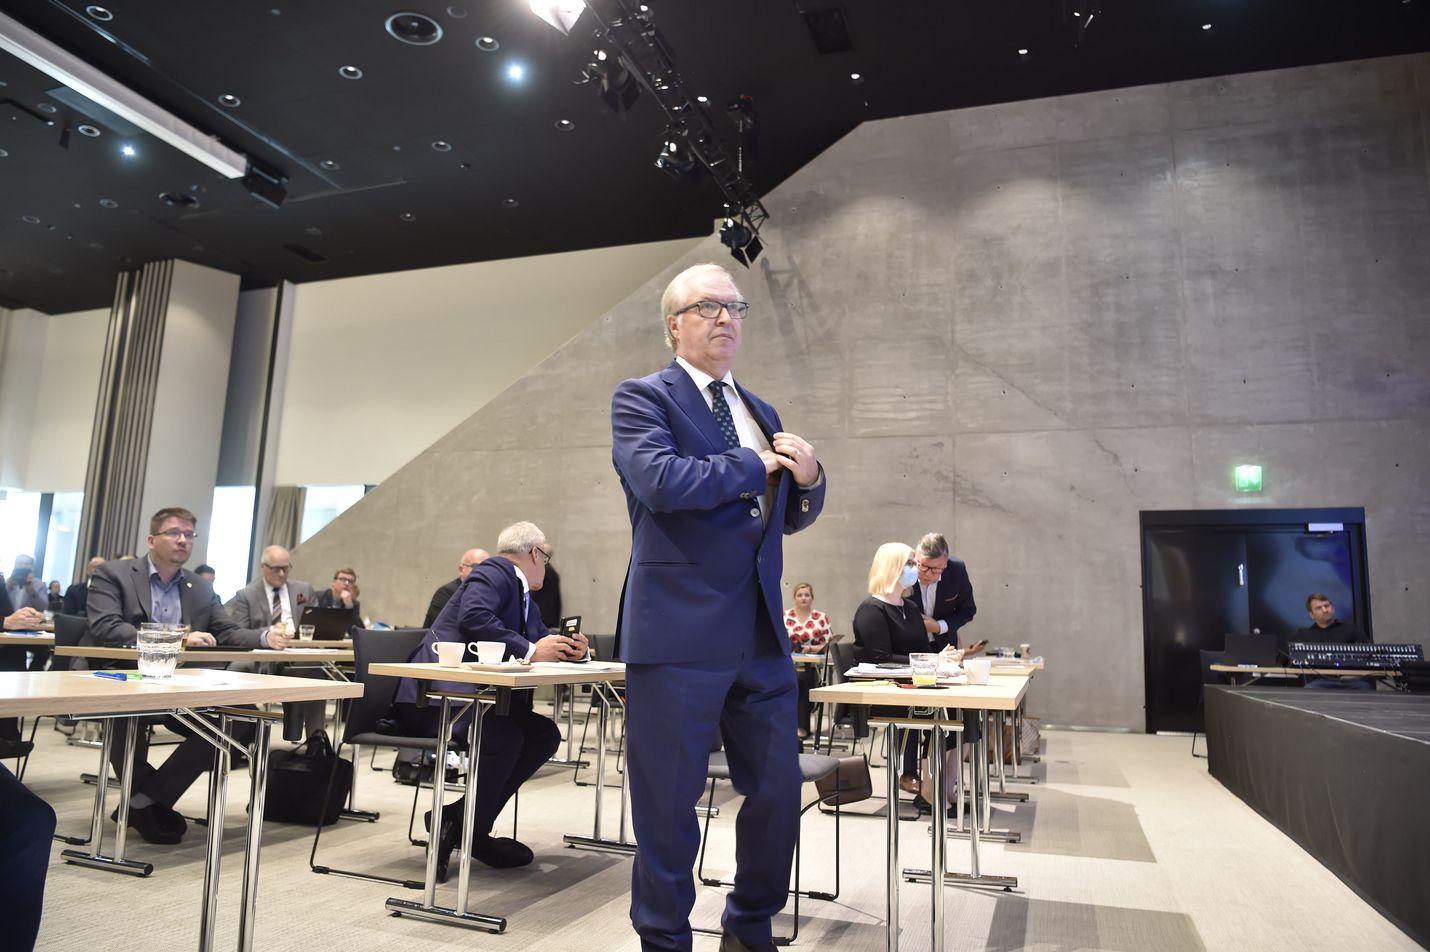 Sture Fjäder valittiin elokuussa jatkamaan Akavan puheenjohtajana, jota tehtävää hän on hoitanut jo vuodesta 2011. Hänen vastaehdokkaanaan oli palvelujohtaja Maria Teikari.